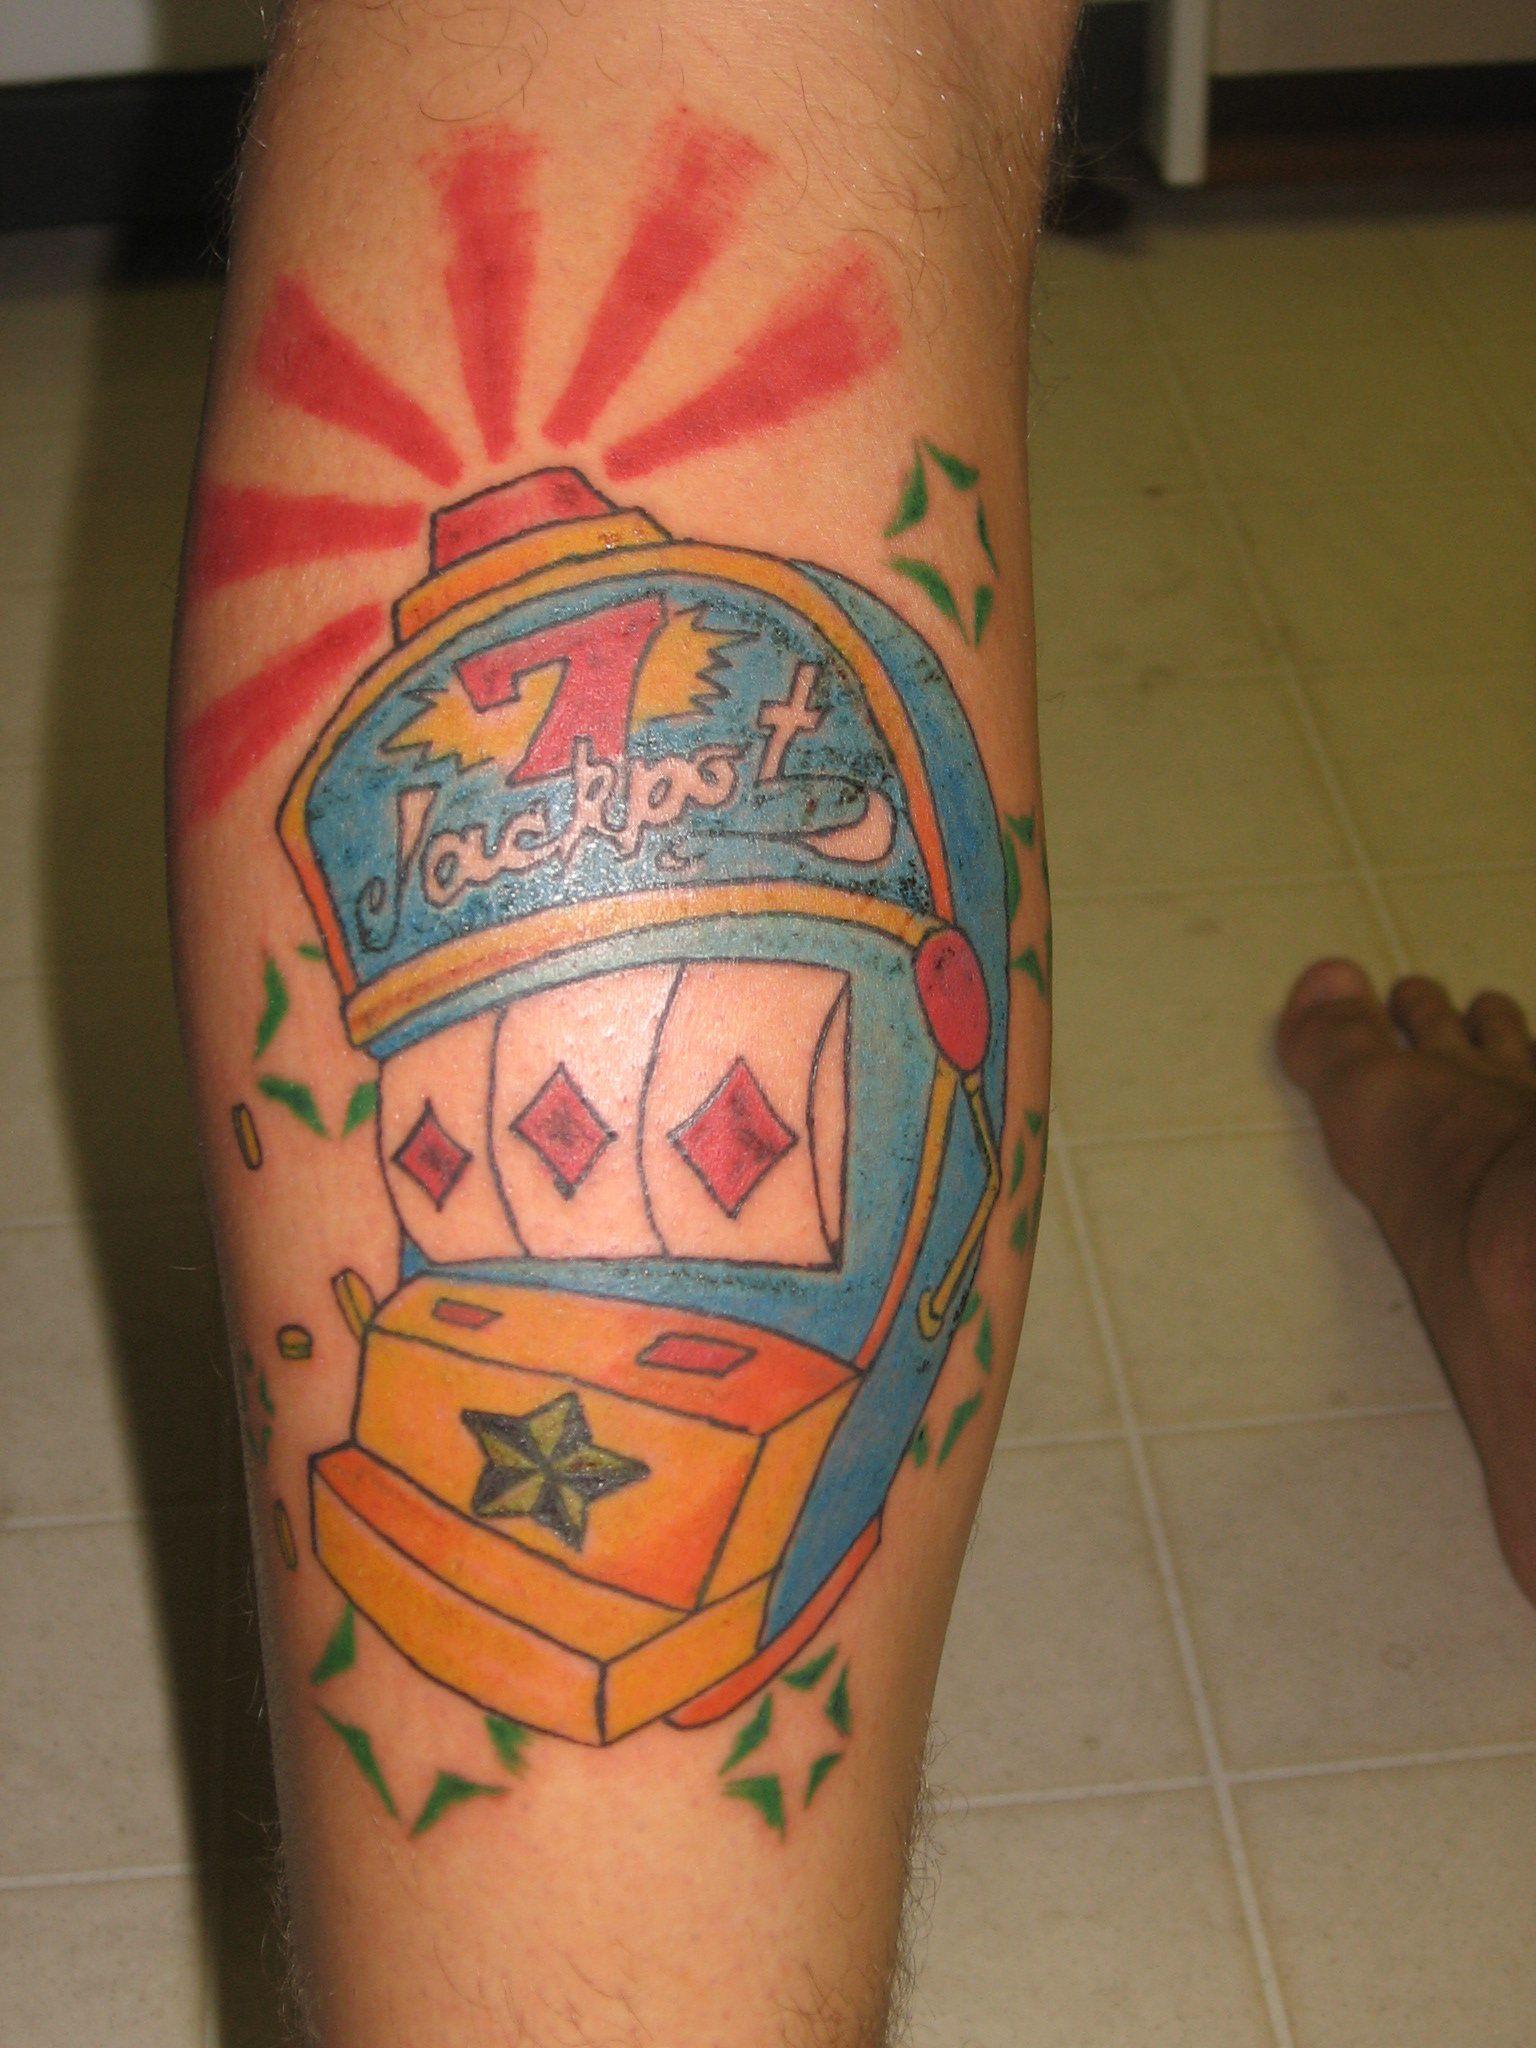 Slot machine leg tattoo